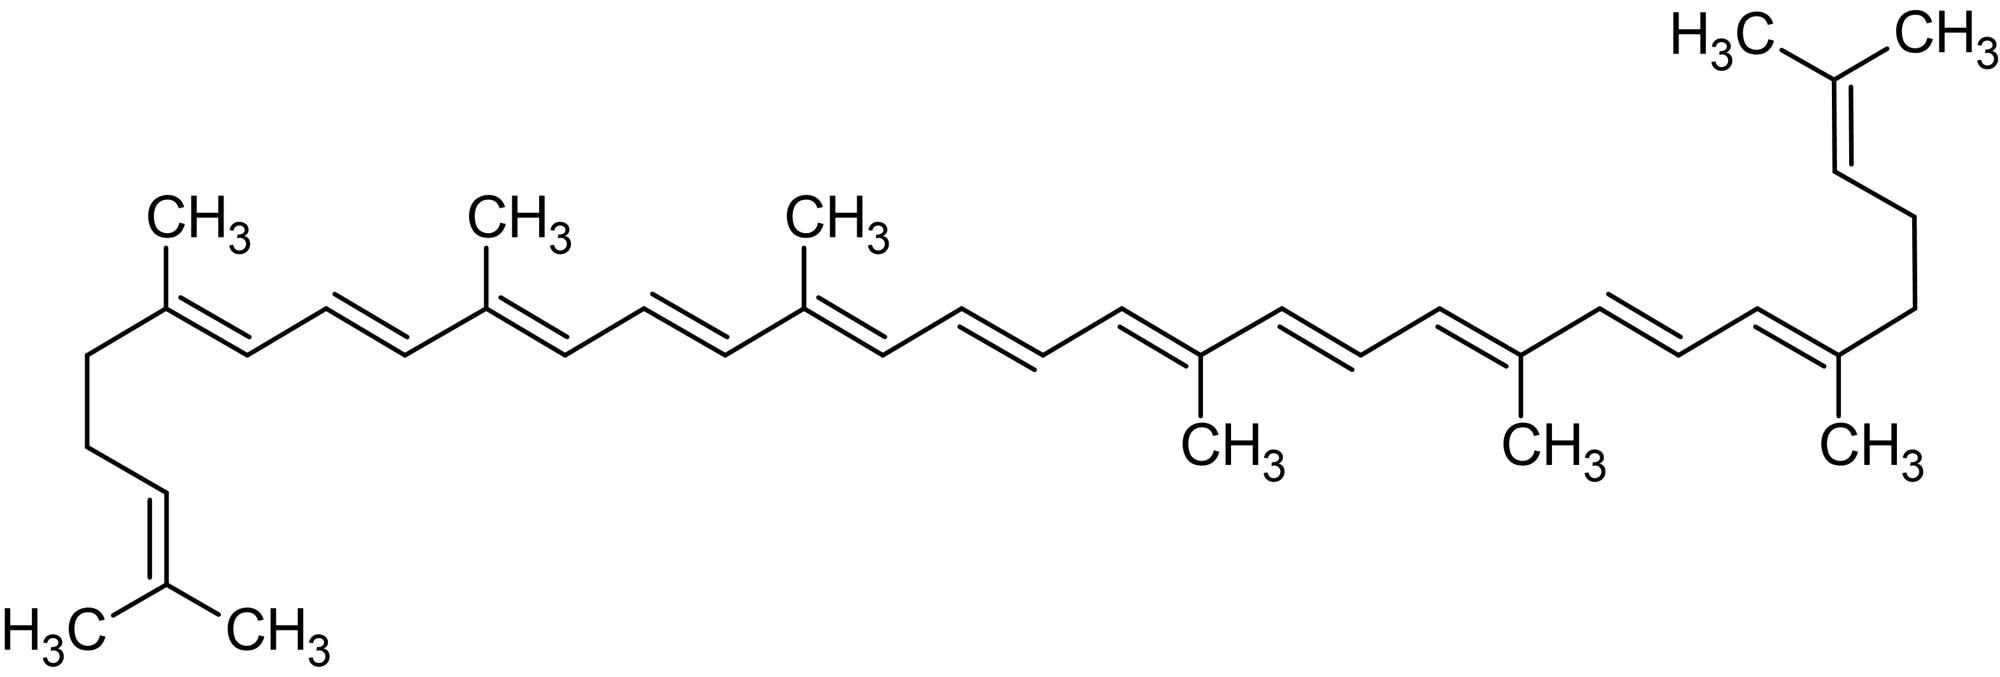 Chemical Structure - Lycopene, Antioxidant (ab142909)